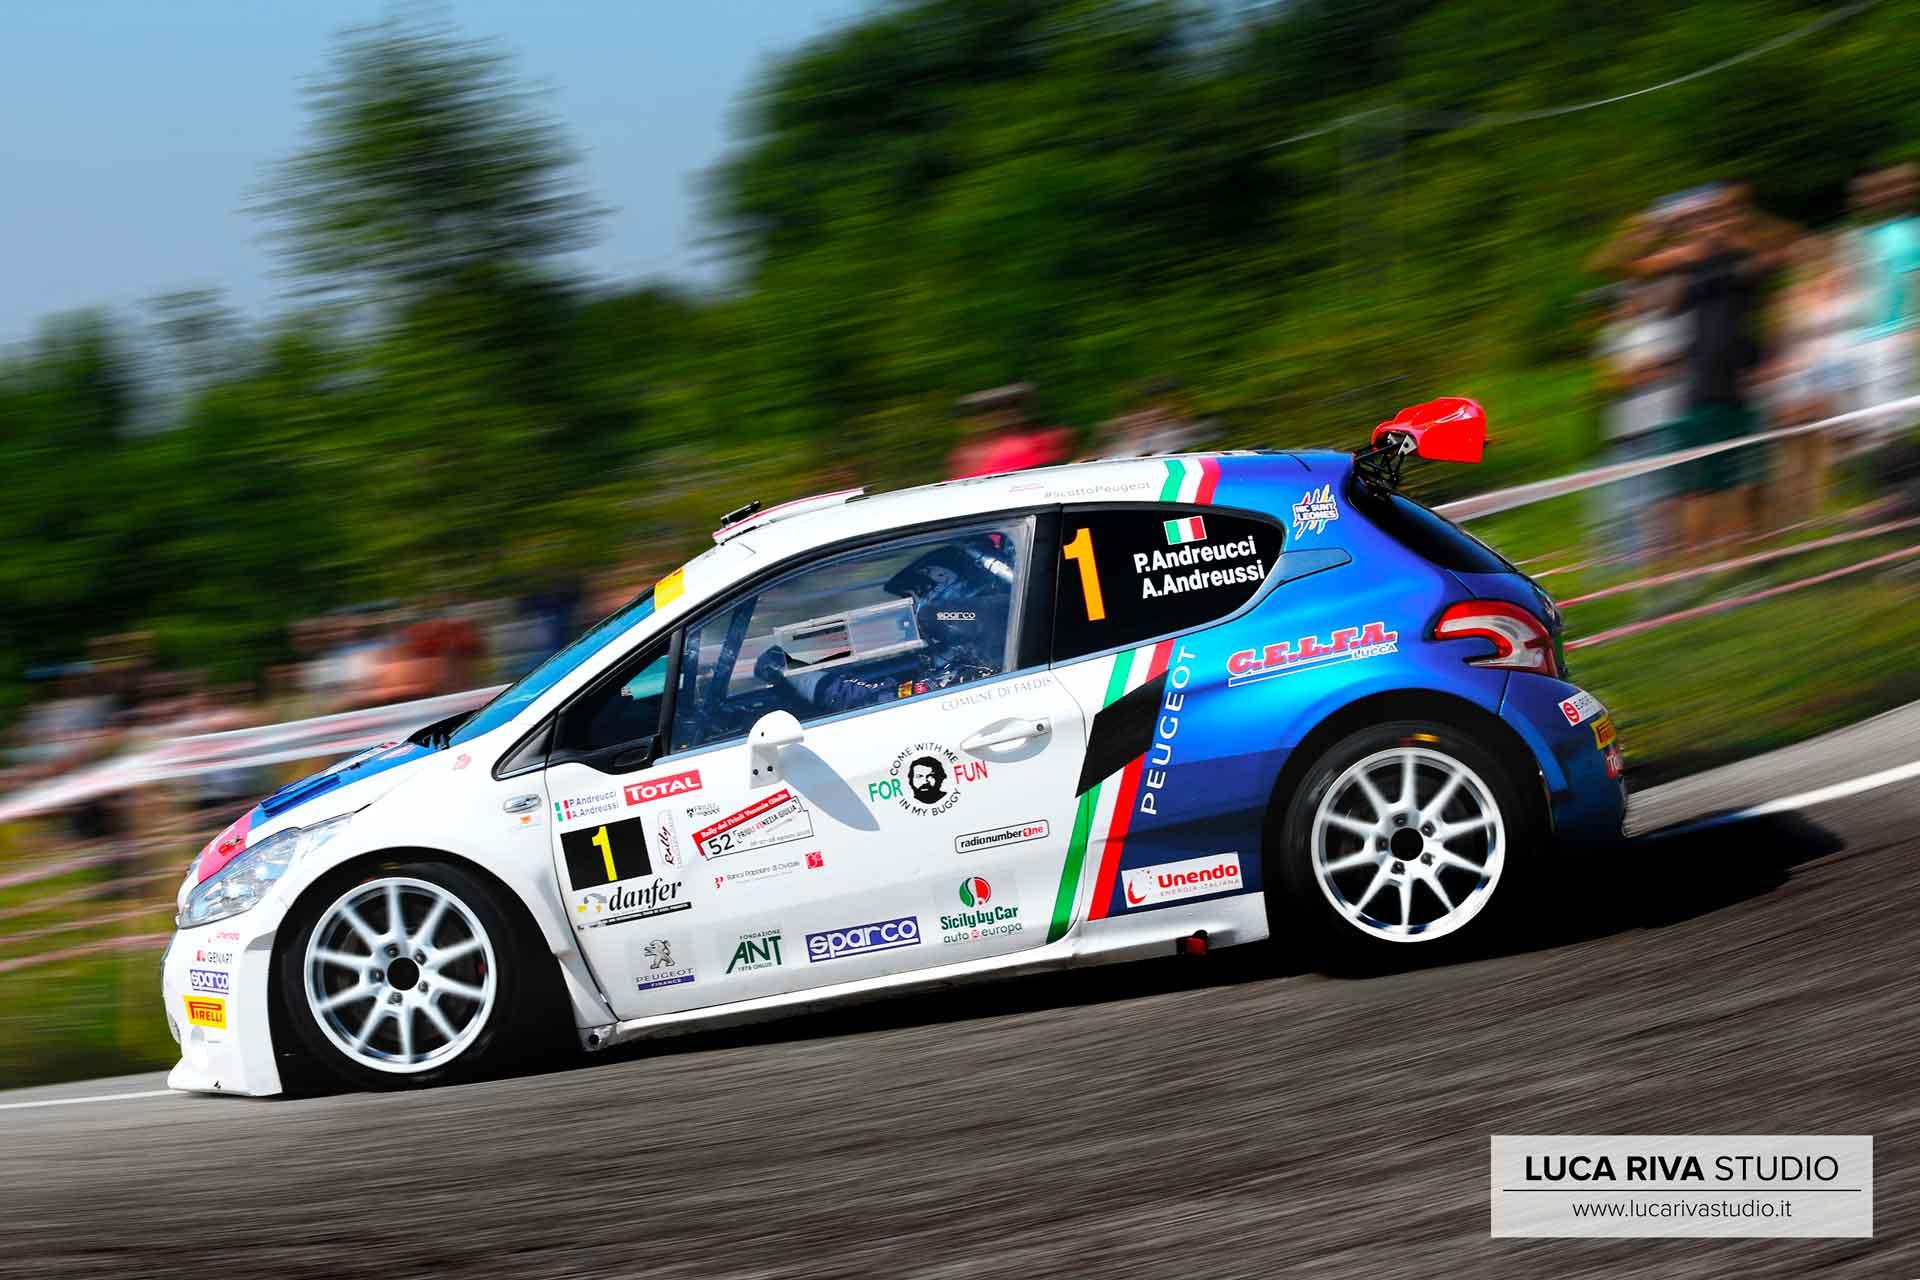 andreucci-rally-alpi-orientali-peugeot-208t16